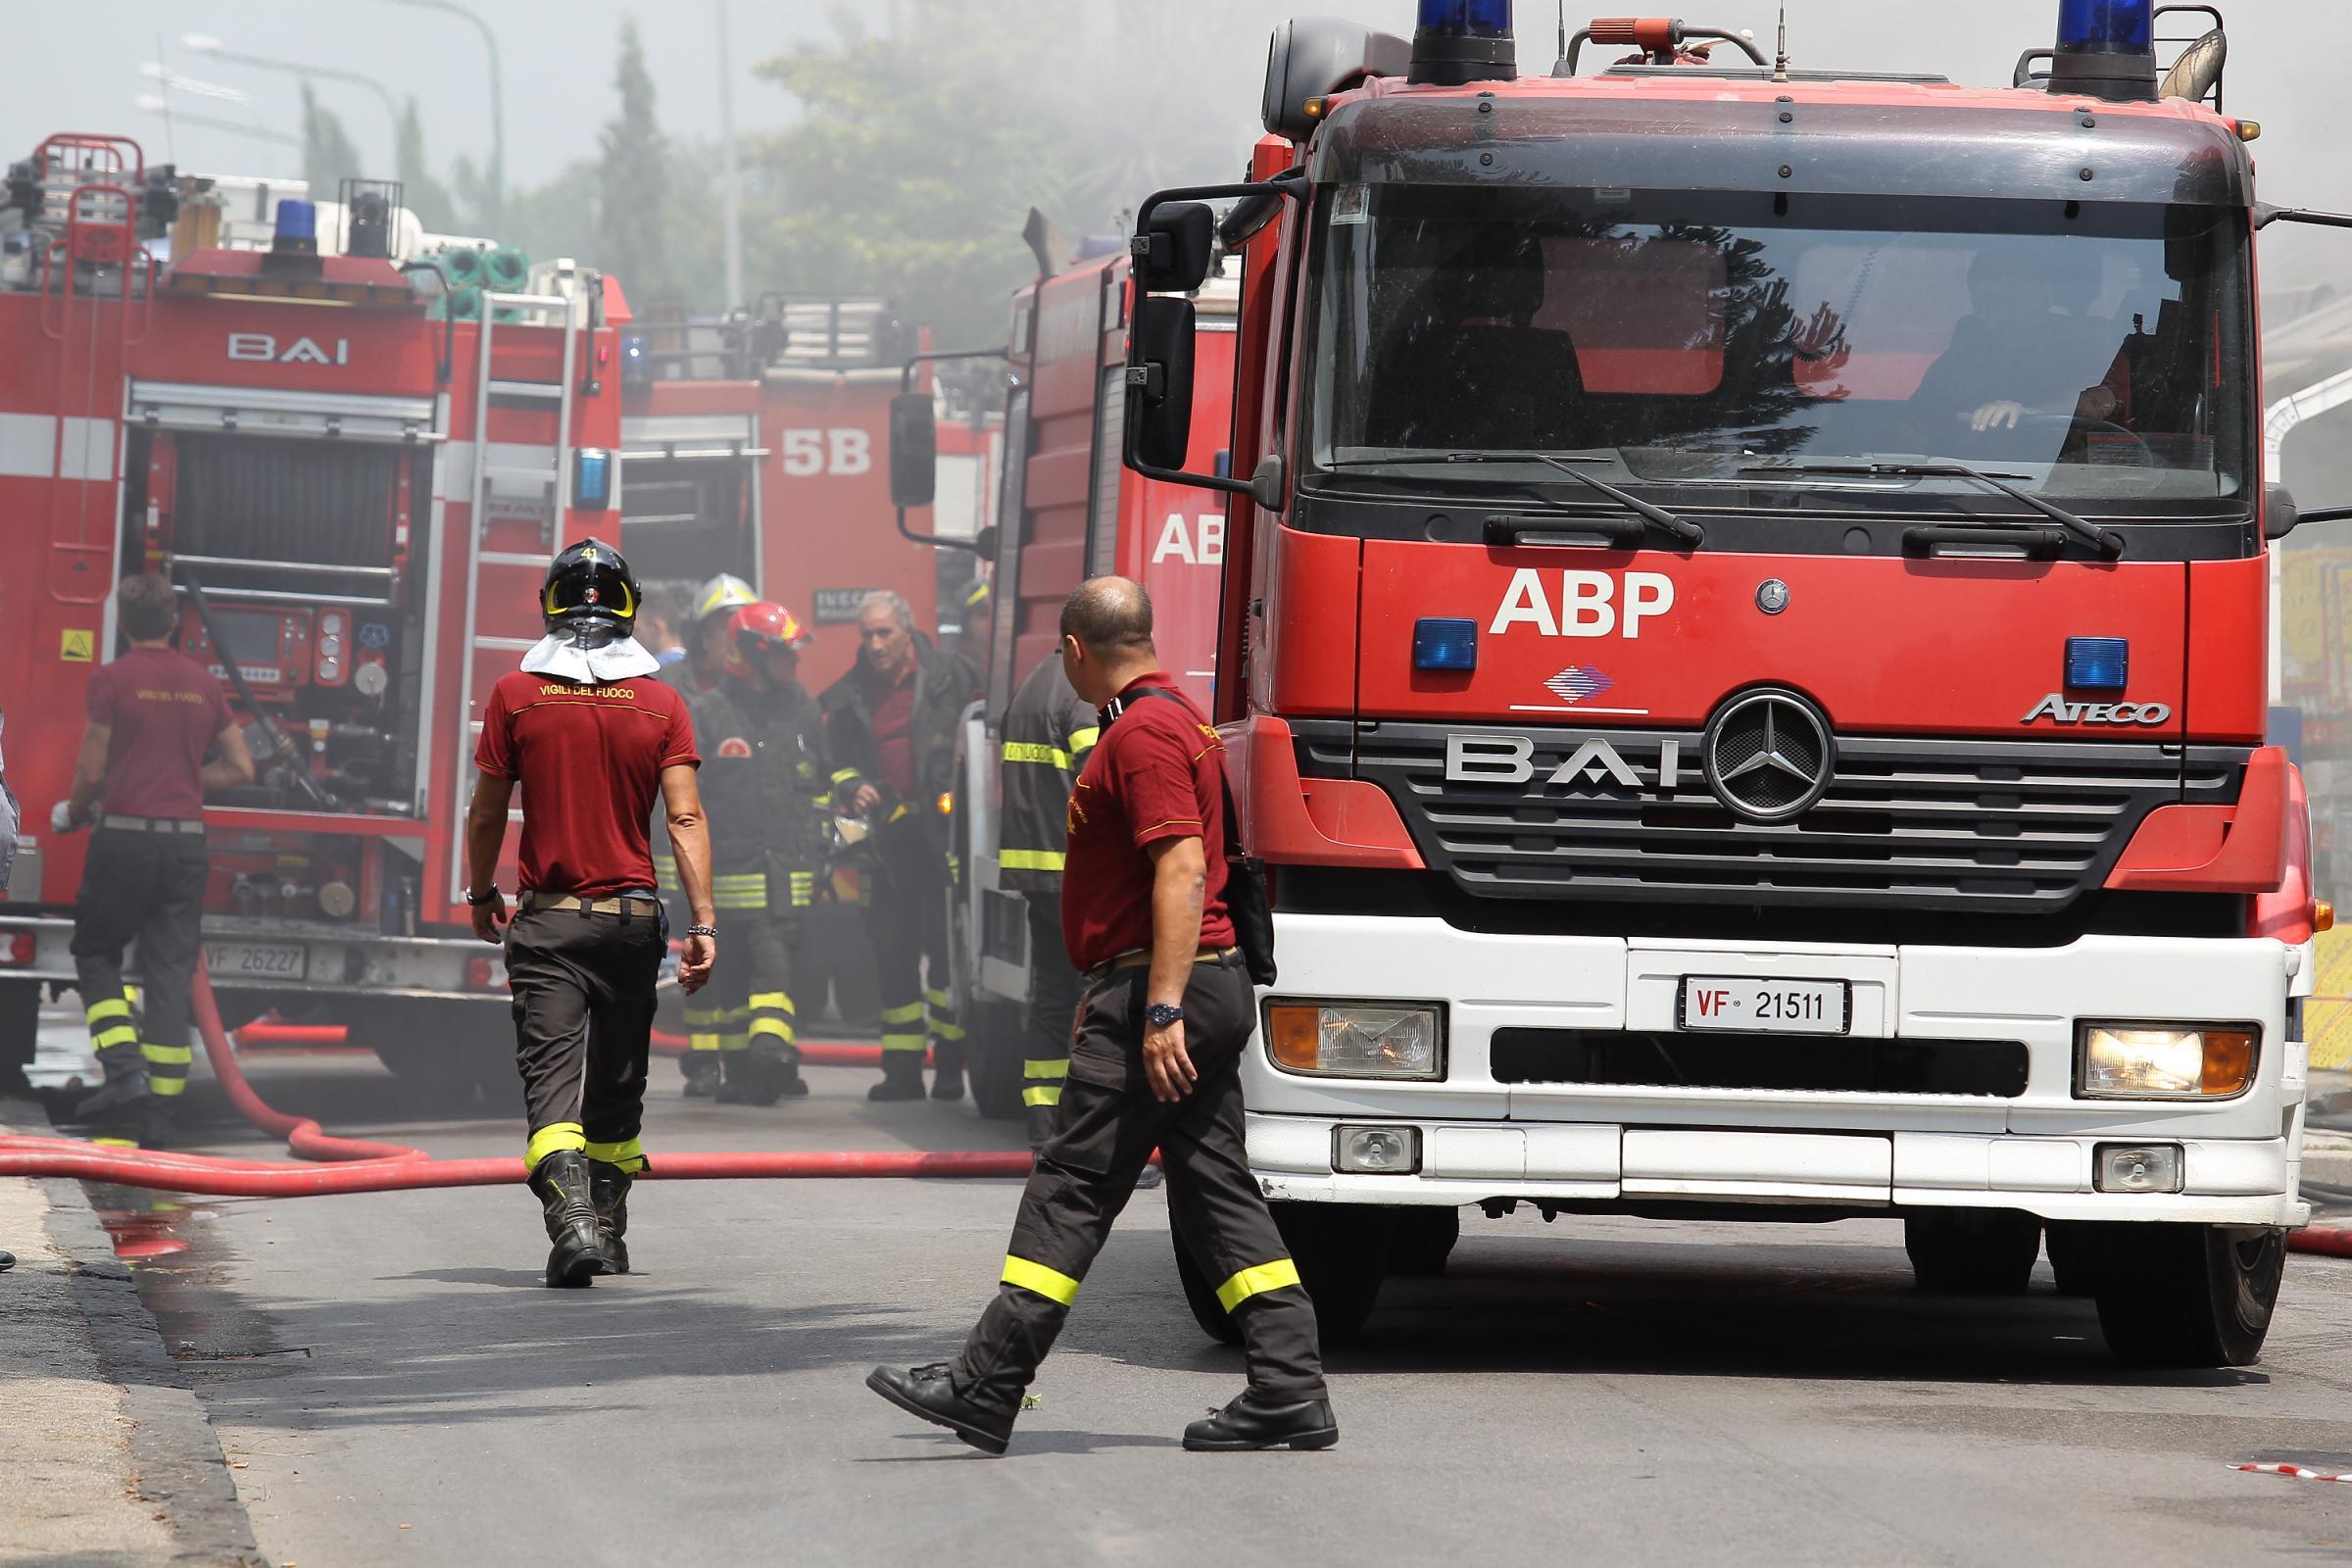 Incendio in un supermercato ad Acerra